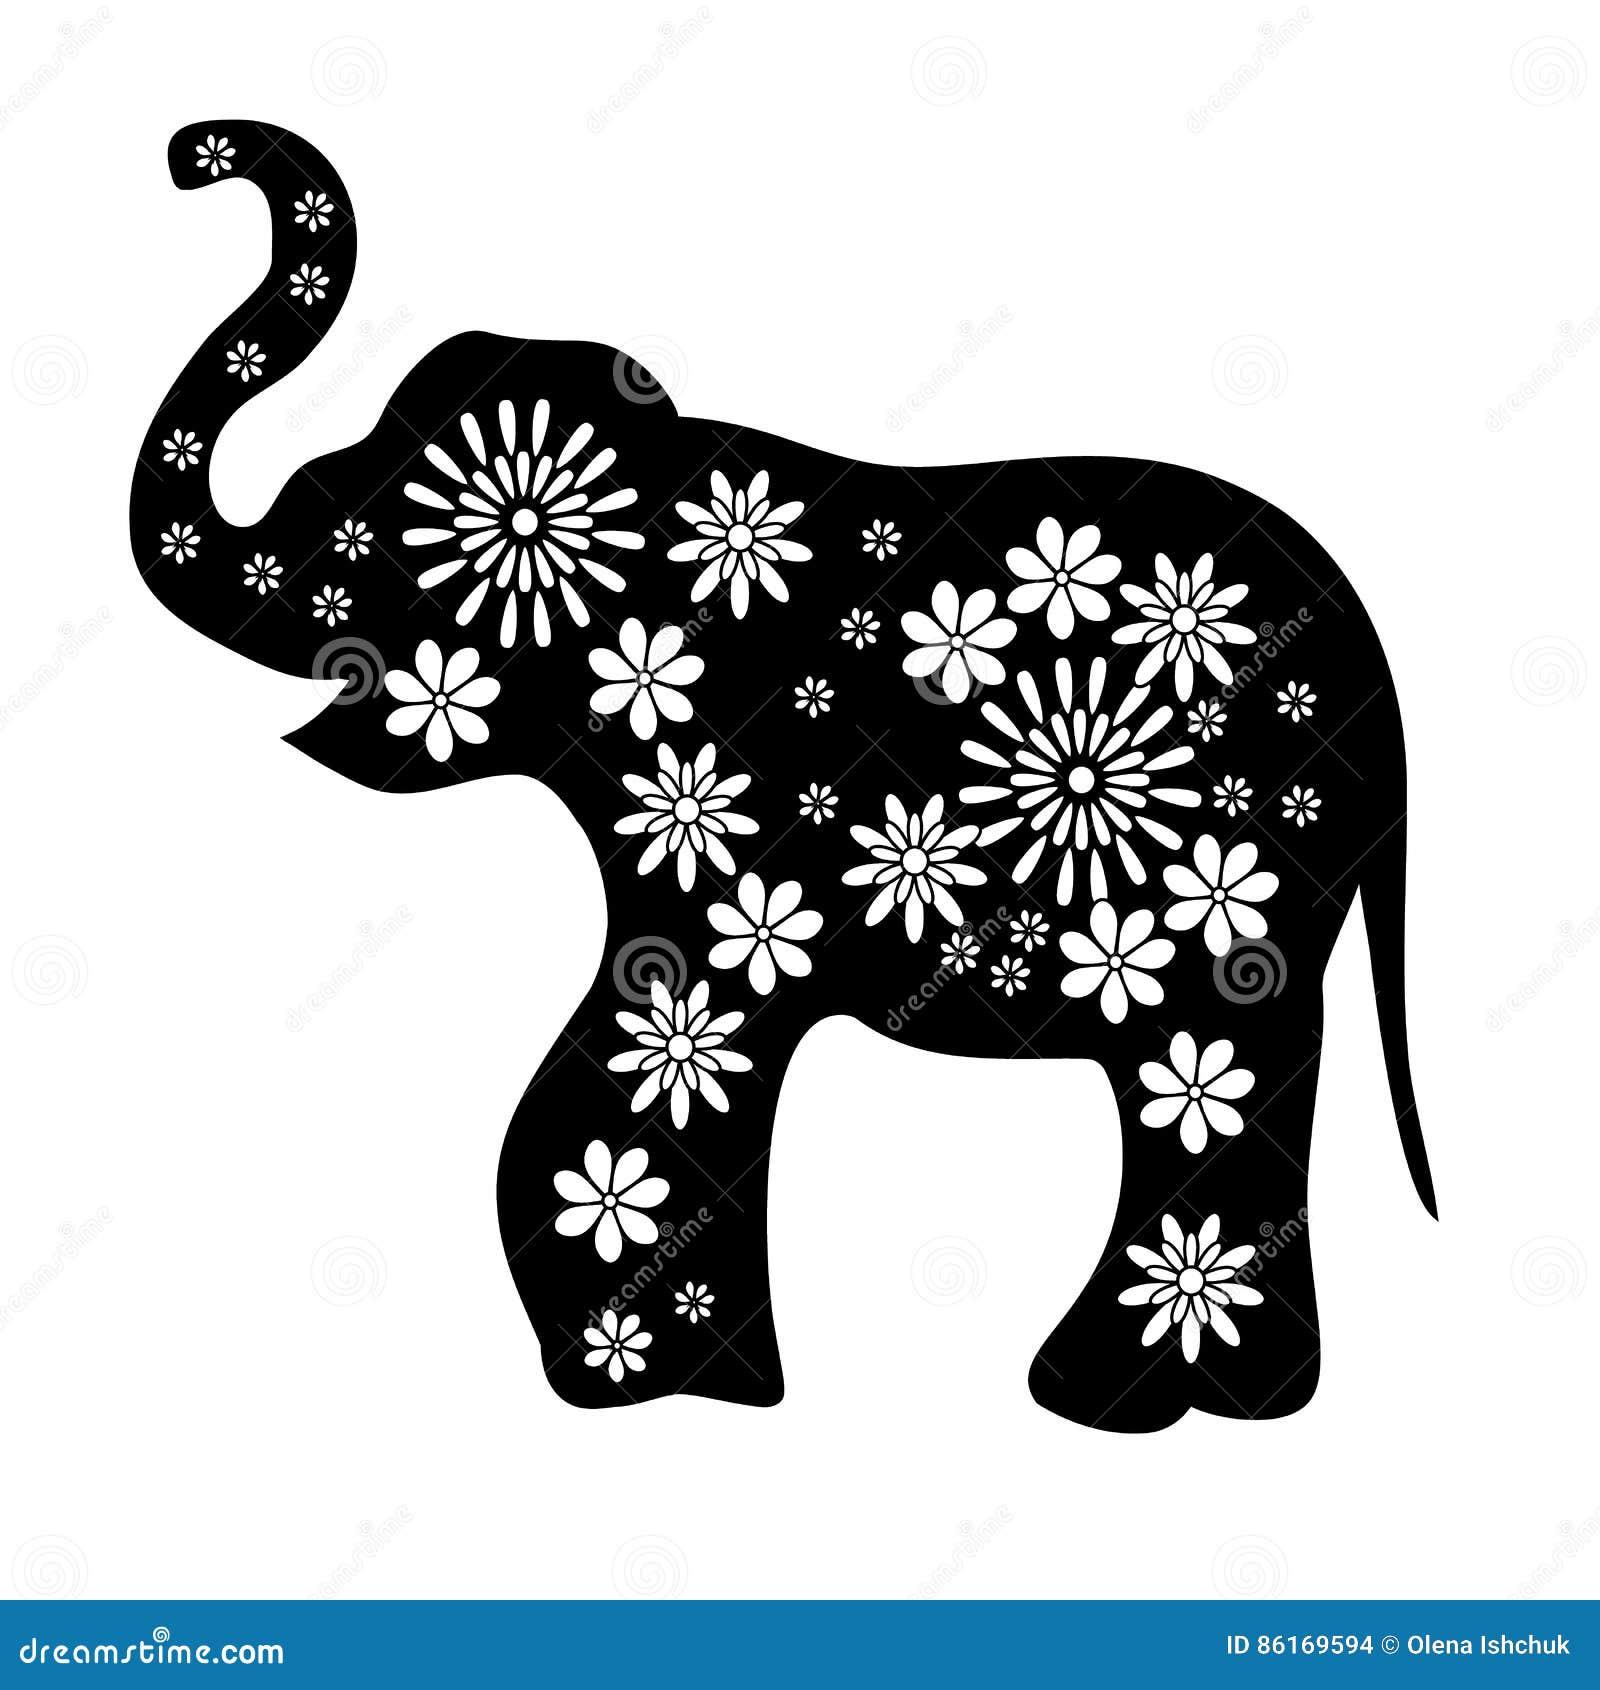 Dessin d 39 ensemble d 39 un noir d 39 l phant avec les fleurs blanches photo stock image du graphisme - Dessin d un elephant ...